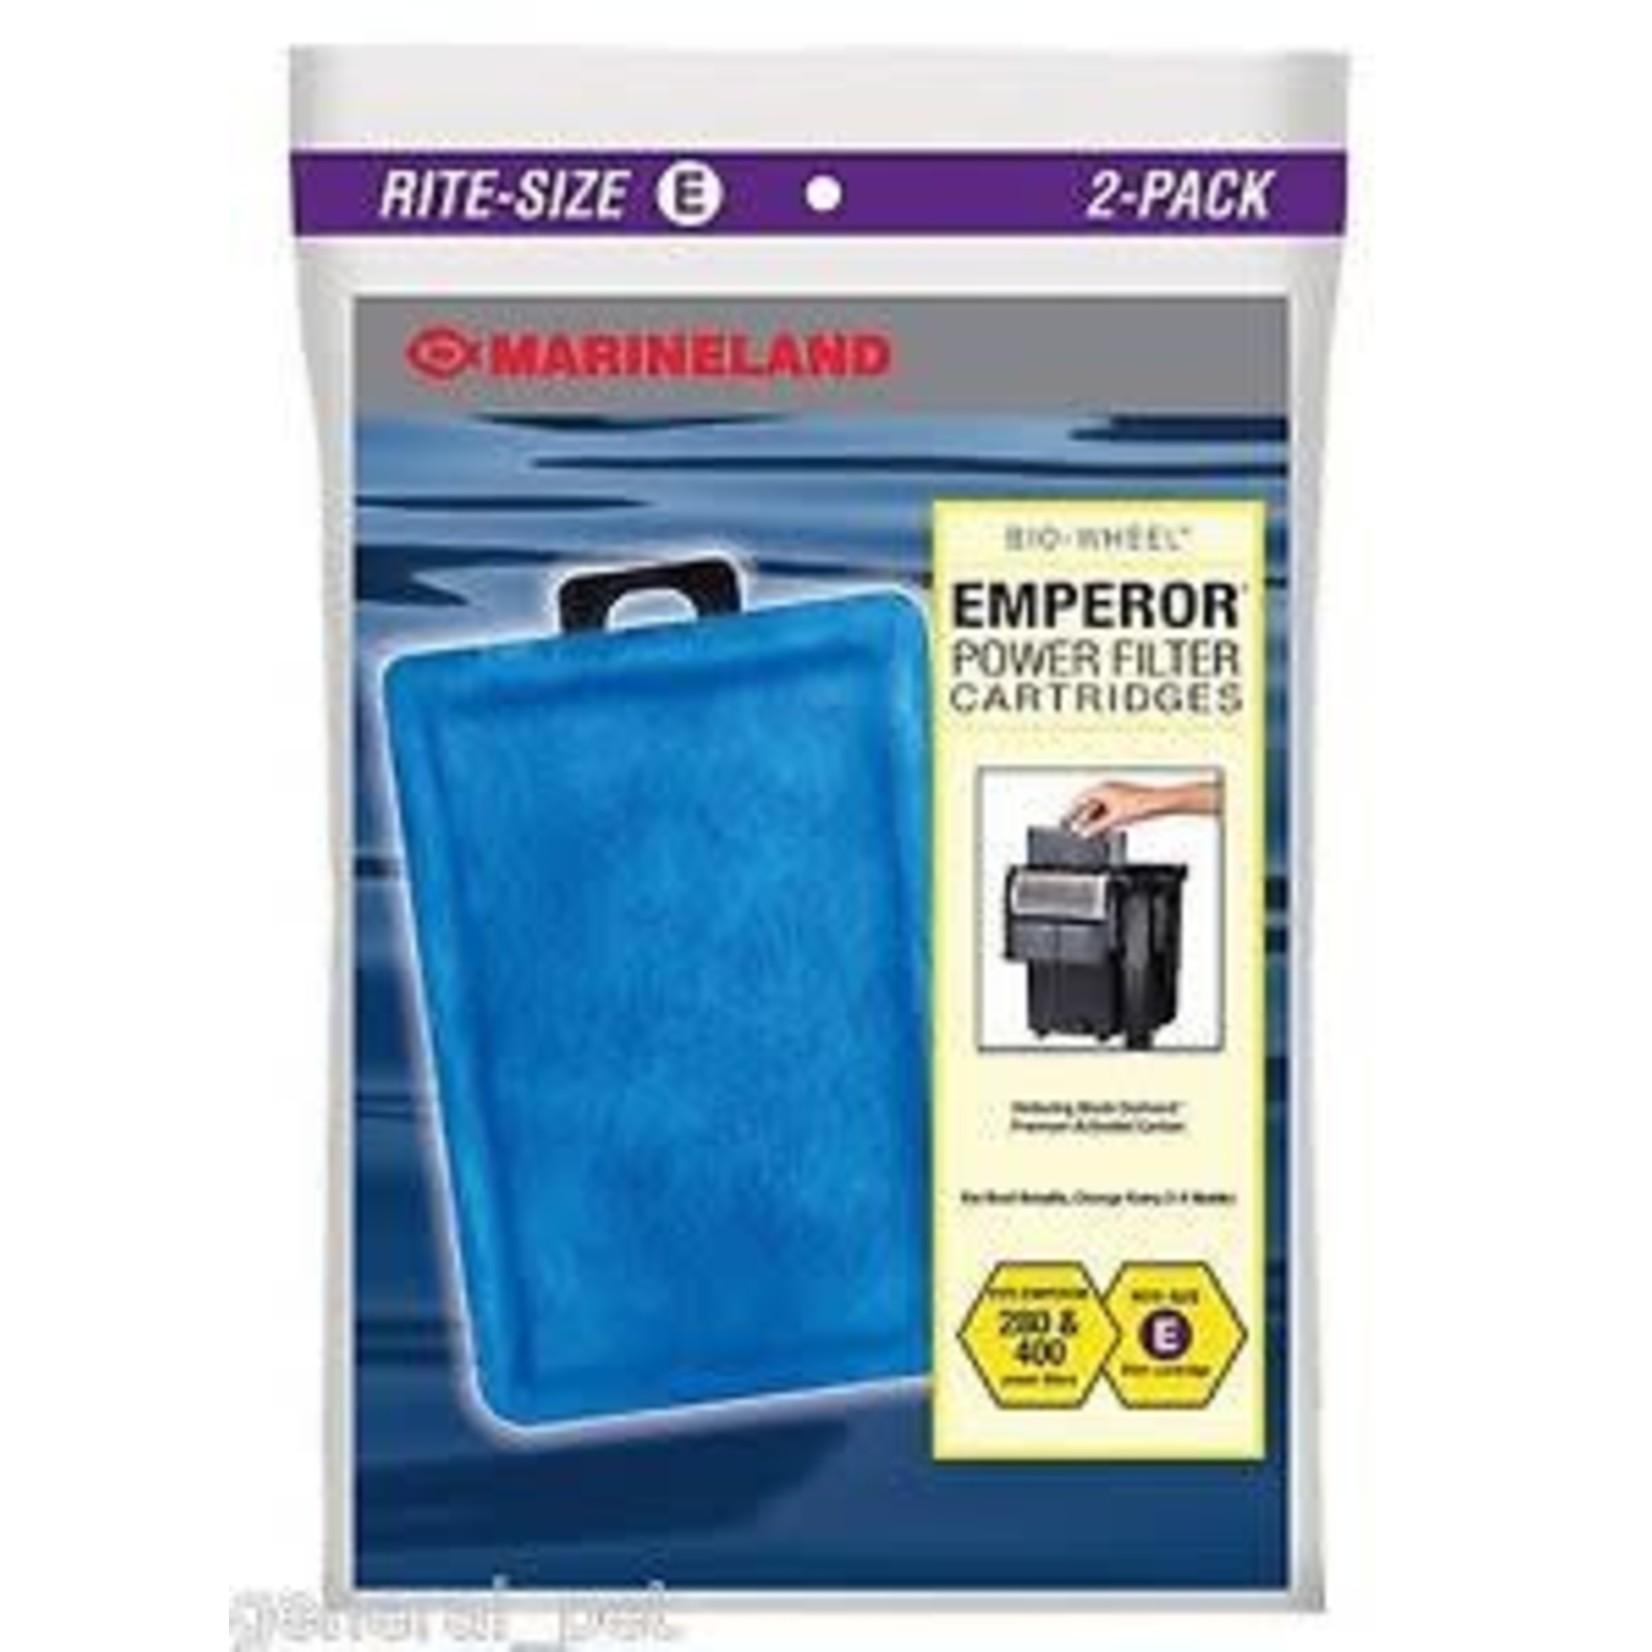 Marineland Disposable E Cartridge for Emperor 2PK